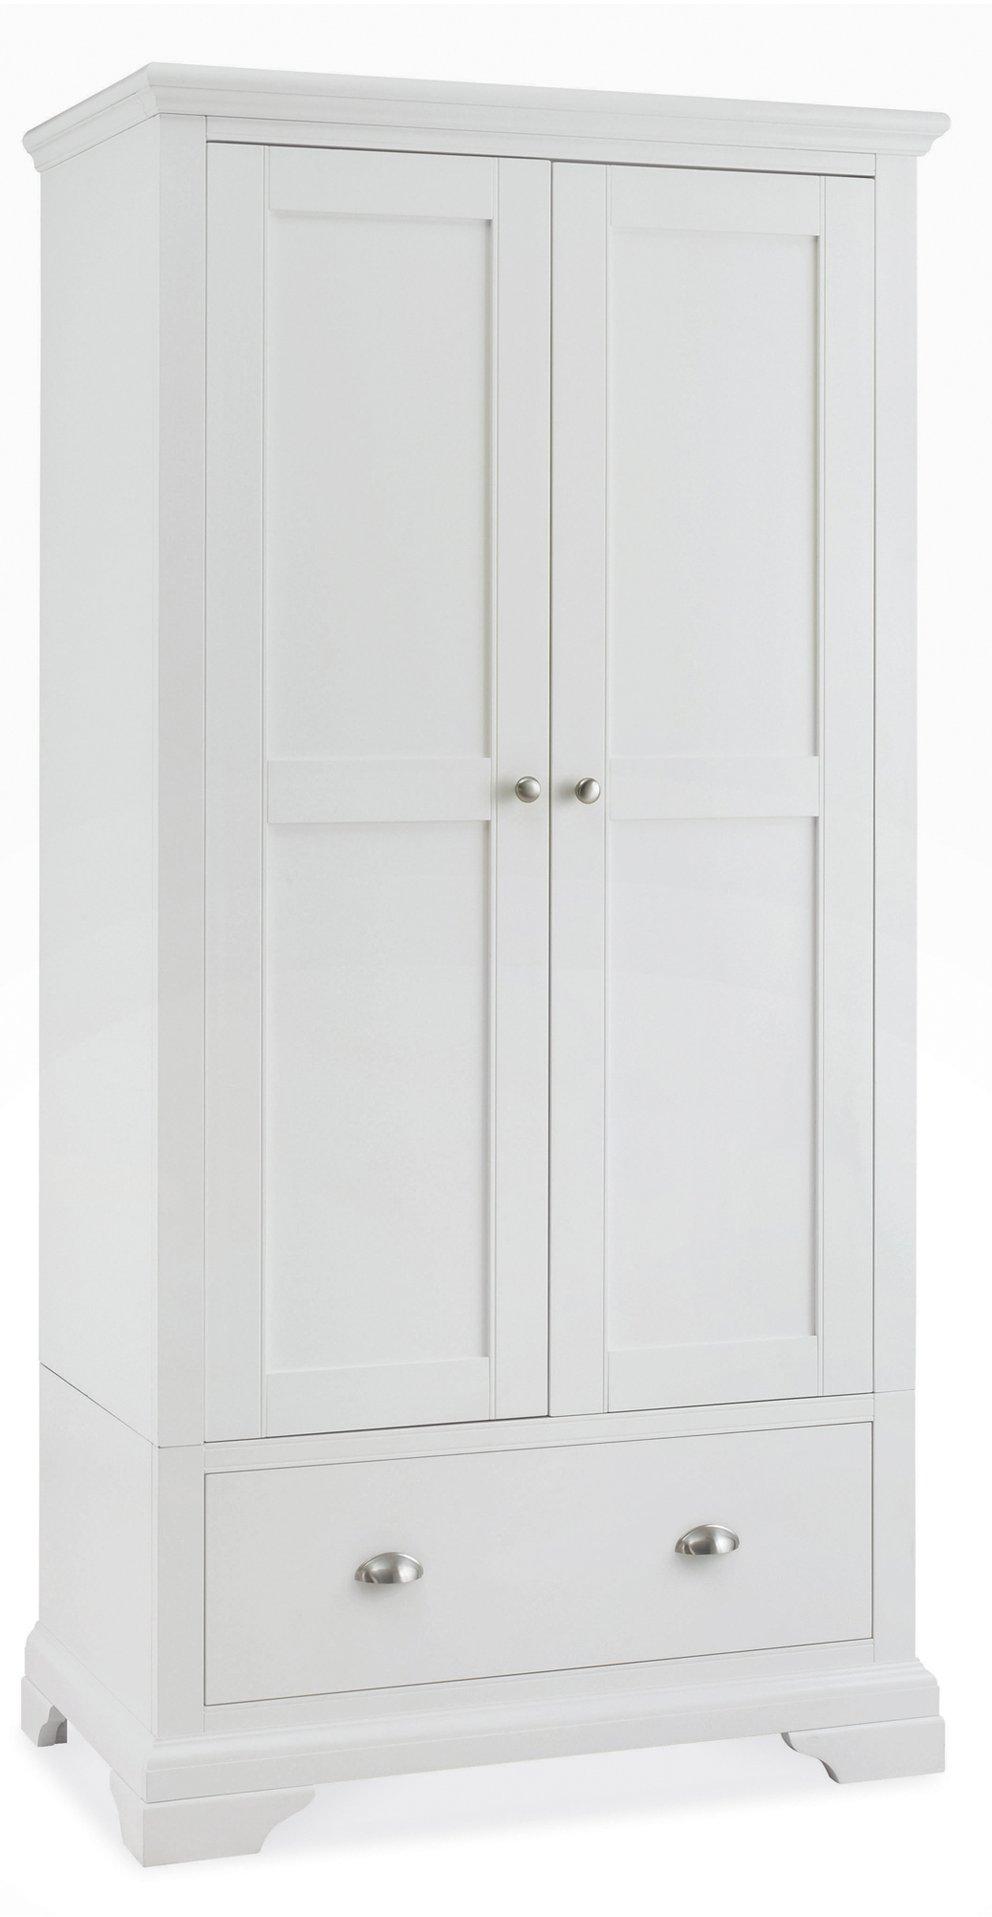 KYRA WHITE DOUBLE ROBE - L97cm x D58cm x H195cm.